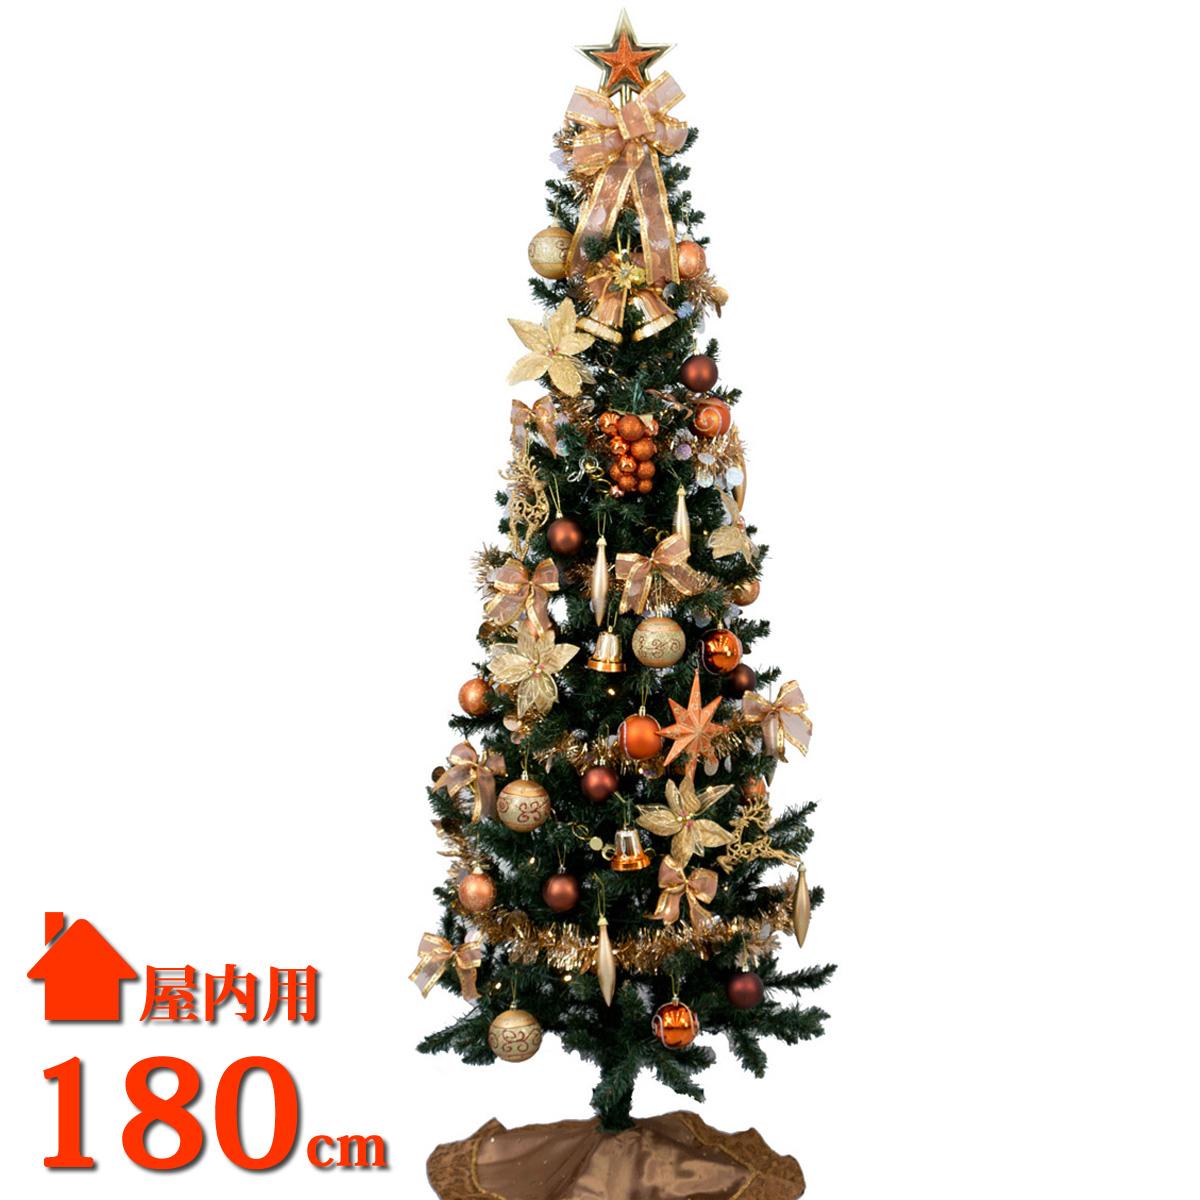 クリスマスツリー スリム 180cm LED ツリーセット コパー ゴールド 北欧 おしゃれ